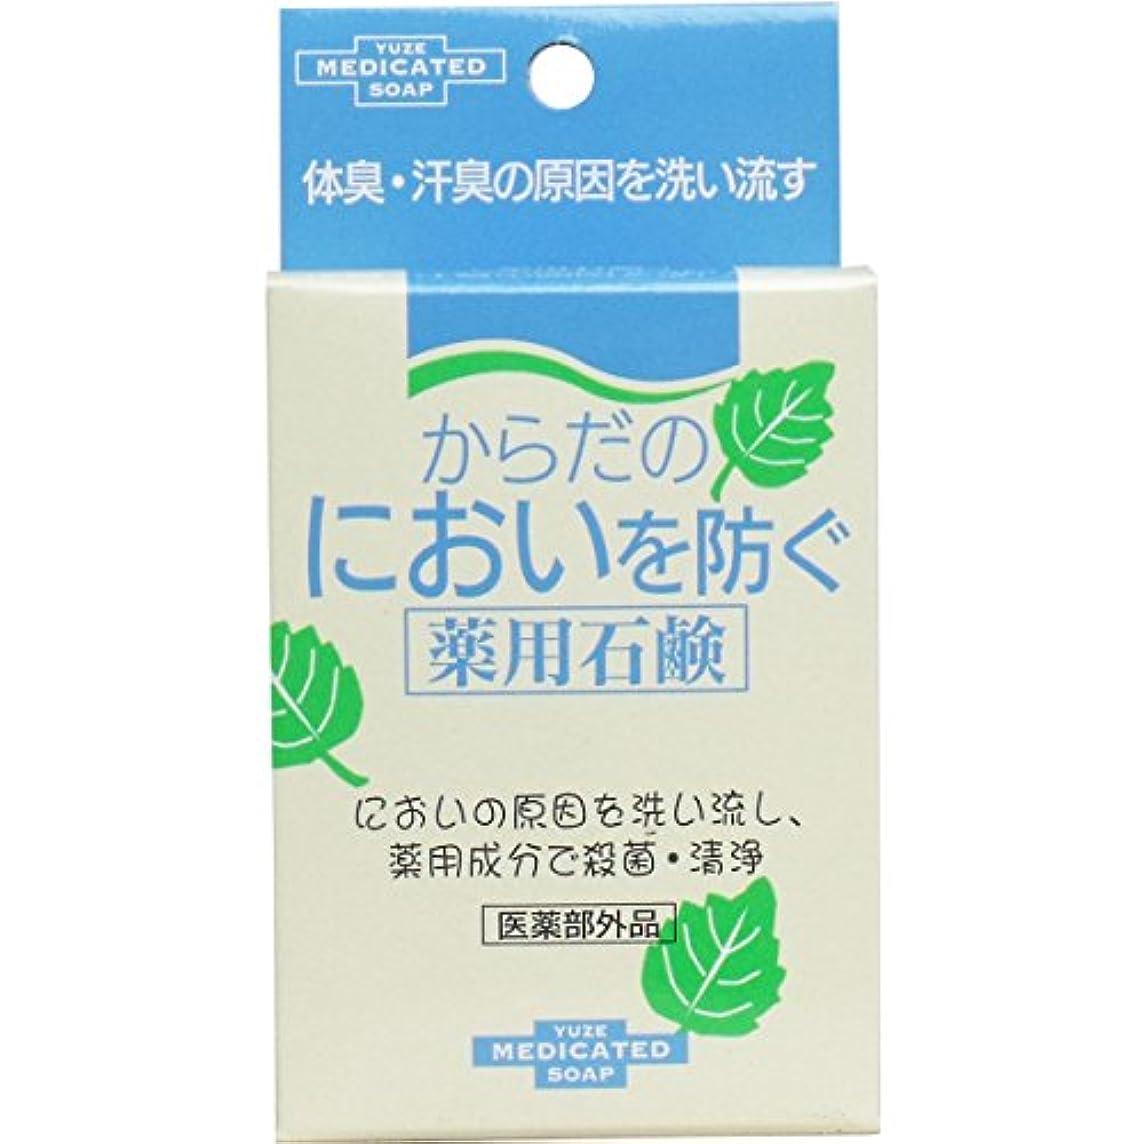 パール立証するエイリアスユゼからだのにおいを防ぐ薬用石鹸 110g×6個セット